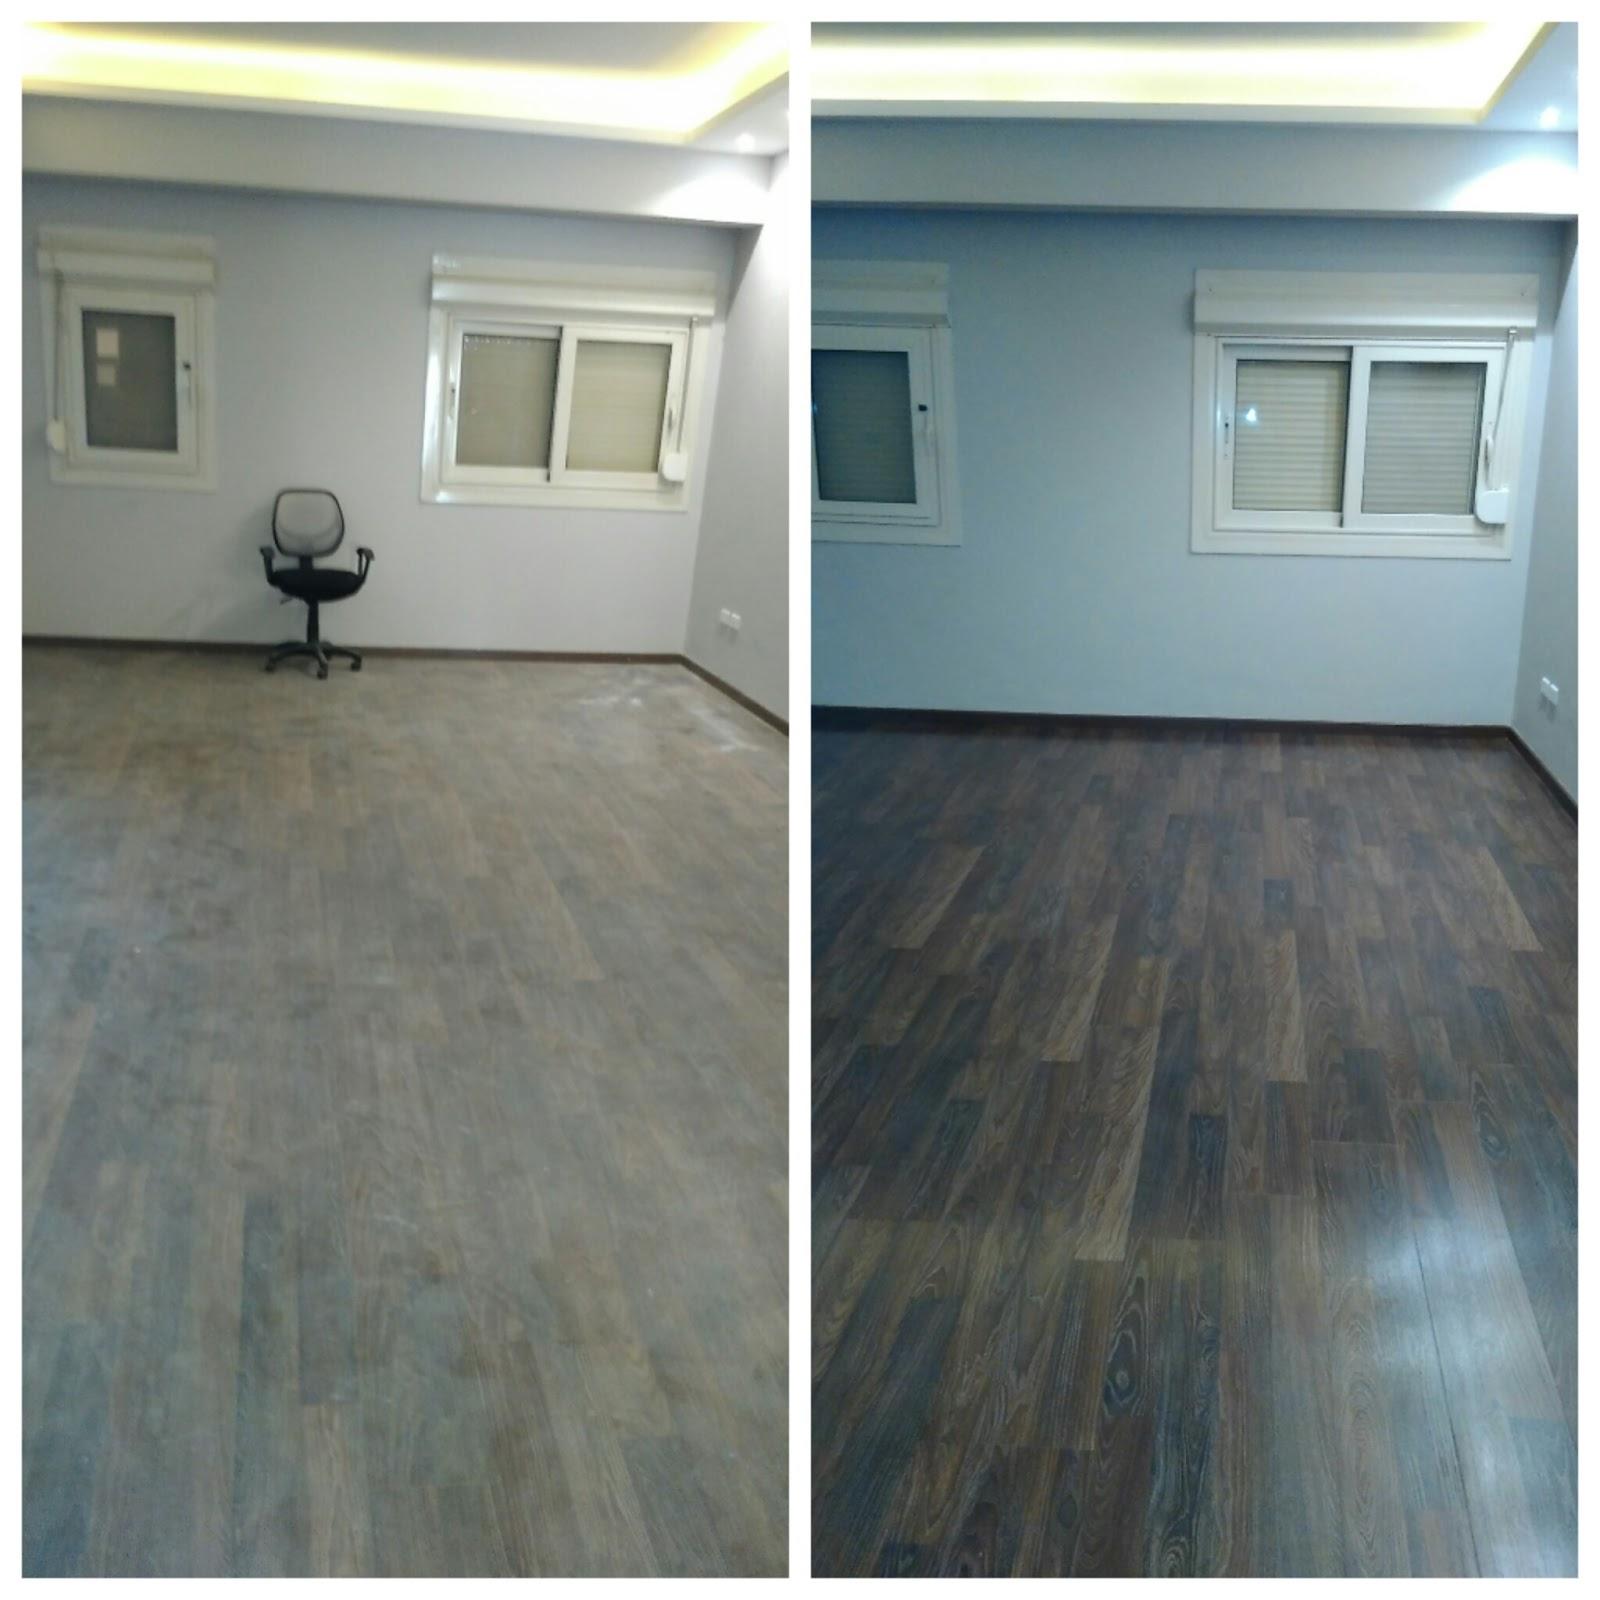 شركة تنظيف منازل بالدمام 0509546352